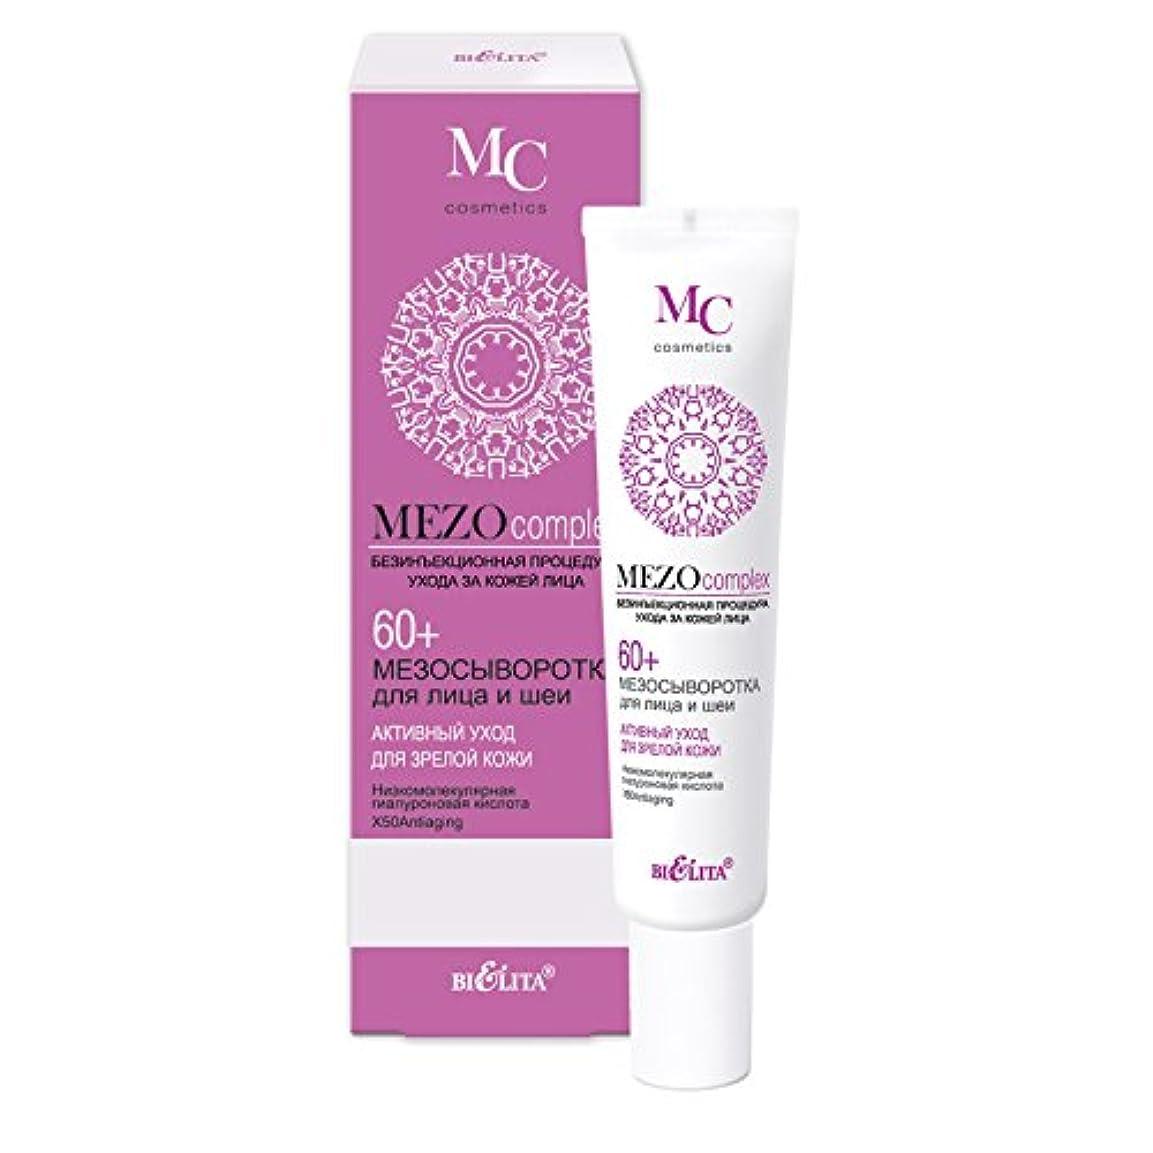 コックカバースナップSerum for face and neck (MEZO) tightens and smoothes the skin and increases the density of the skin 20 ml